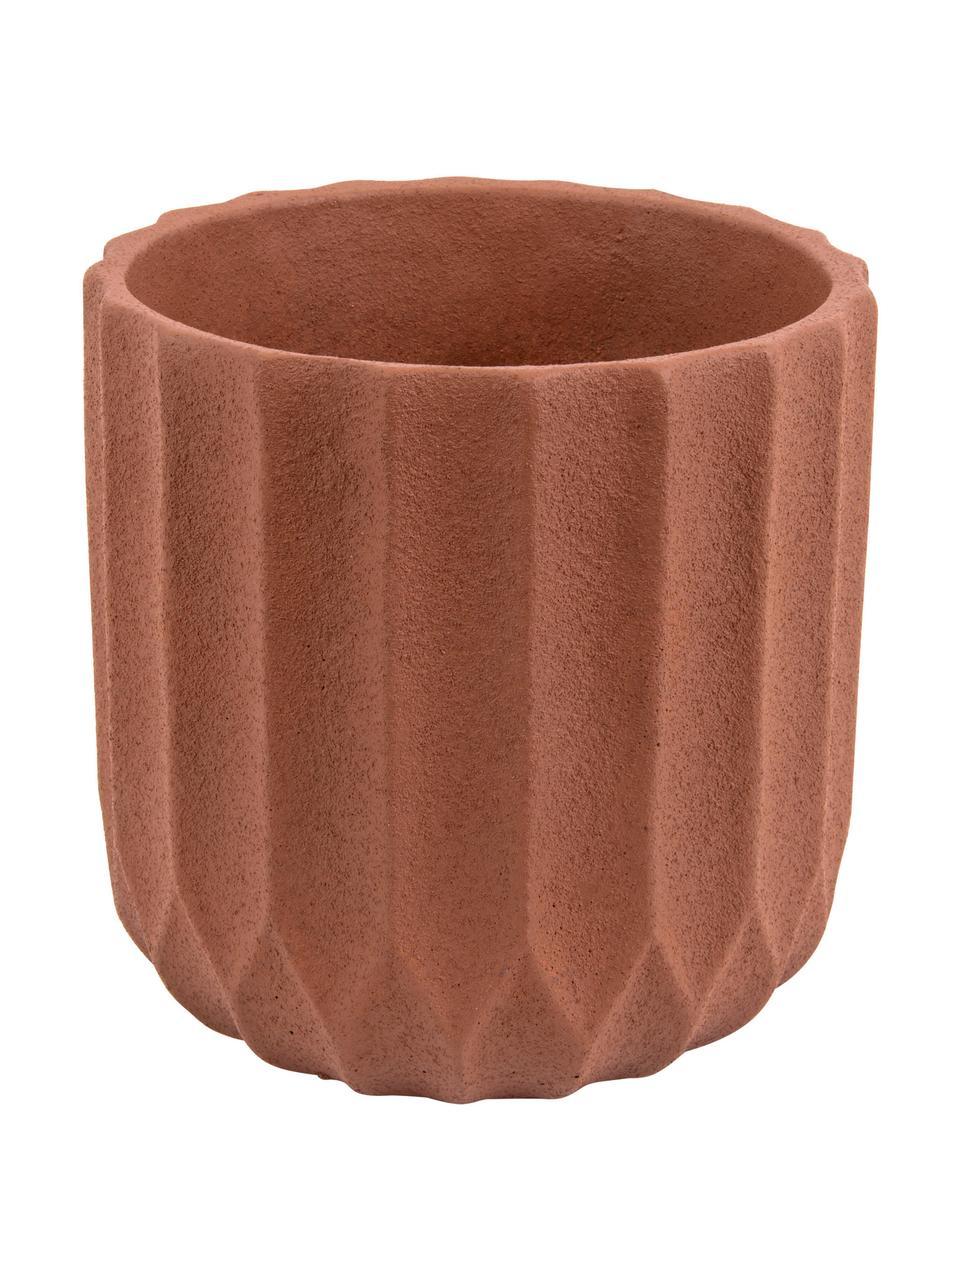 Macetero de cerámica Stripes, Cerámica, Marrón, Ø 18 x Al 18 cm